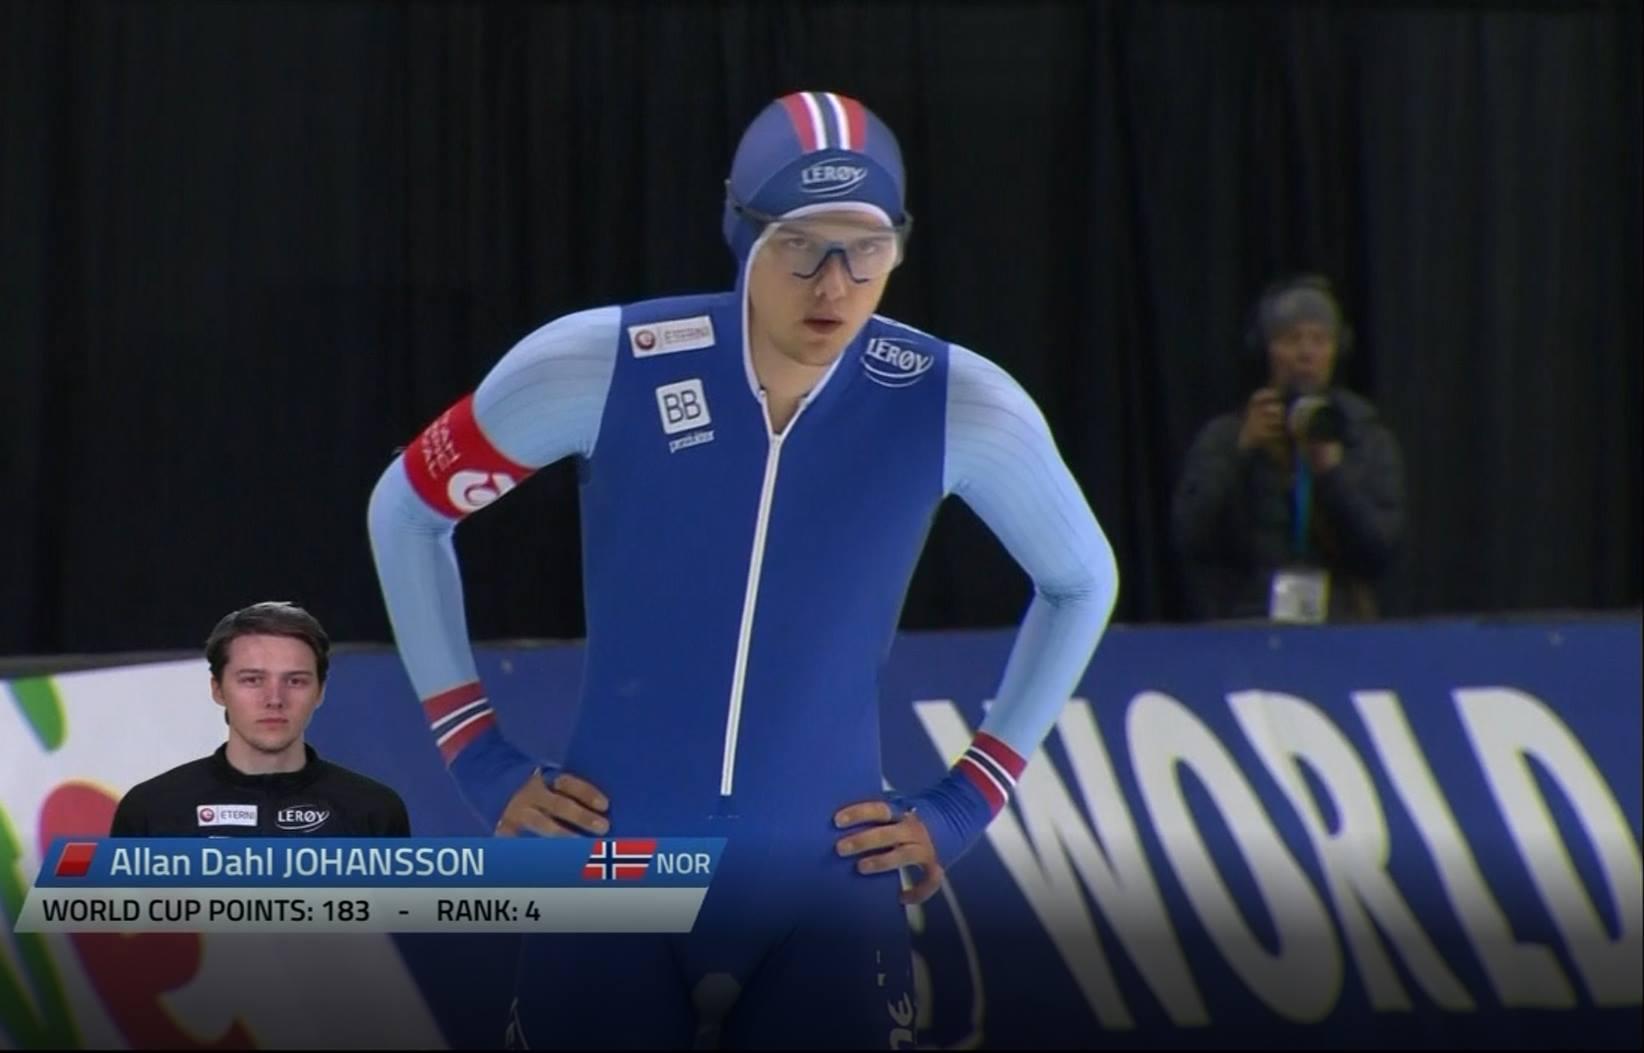 Allan gjør seg klar til start på 1500 meteren i Salt Lake City (bilde fra NRK)